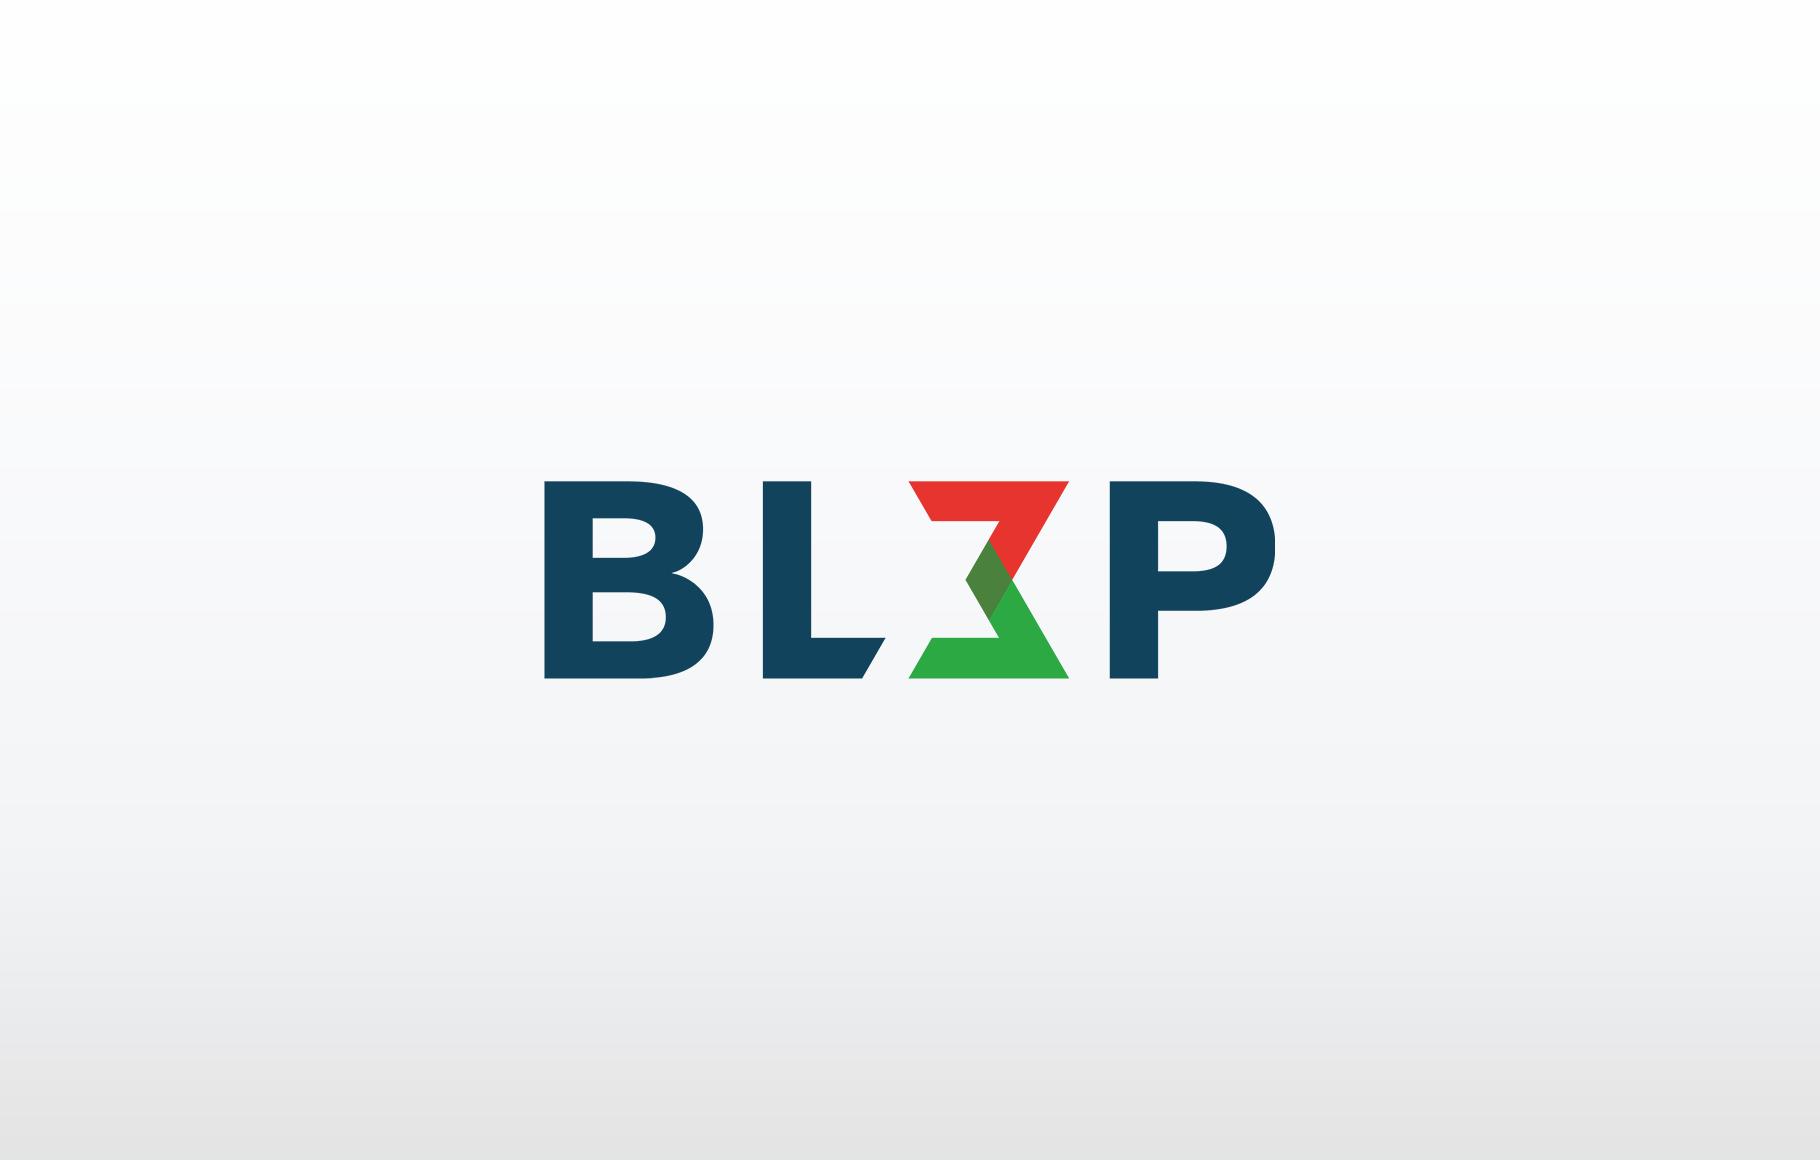 BL3P logo